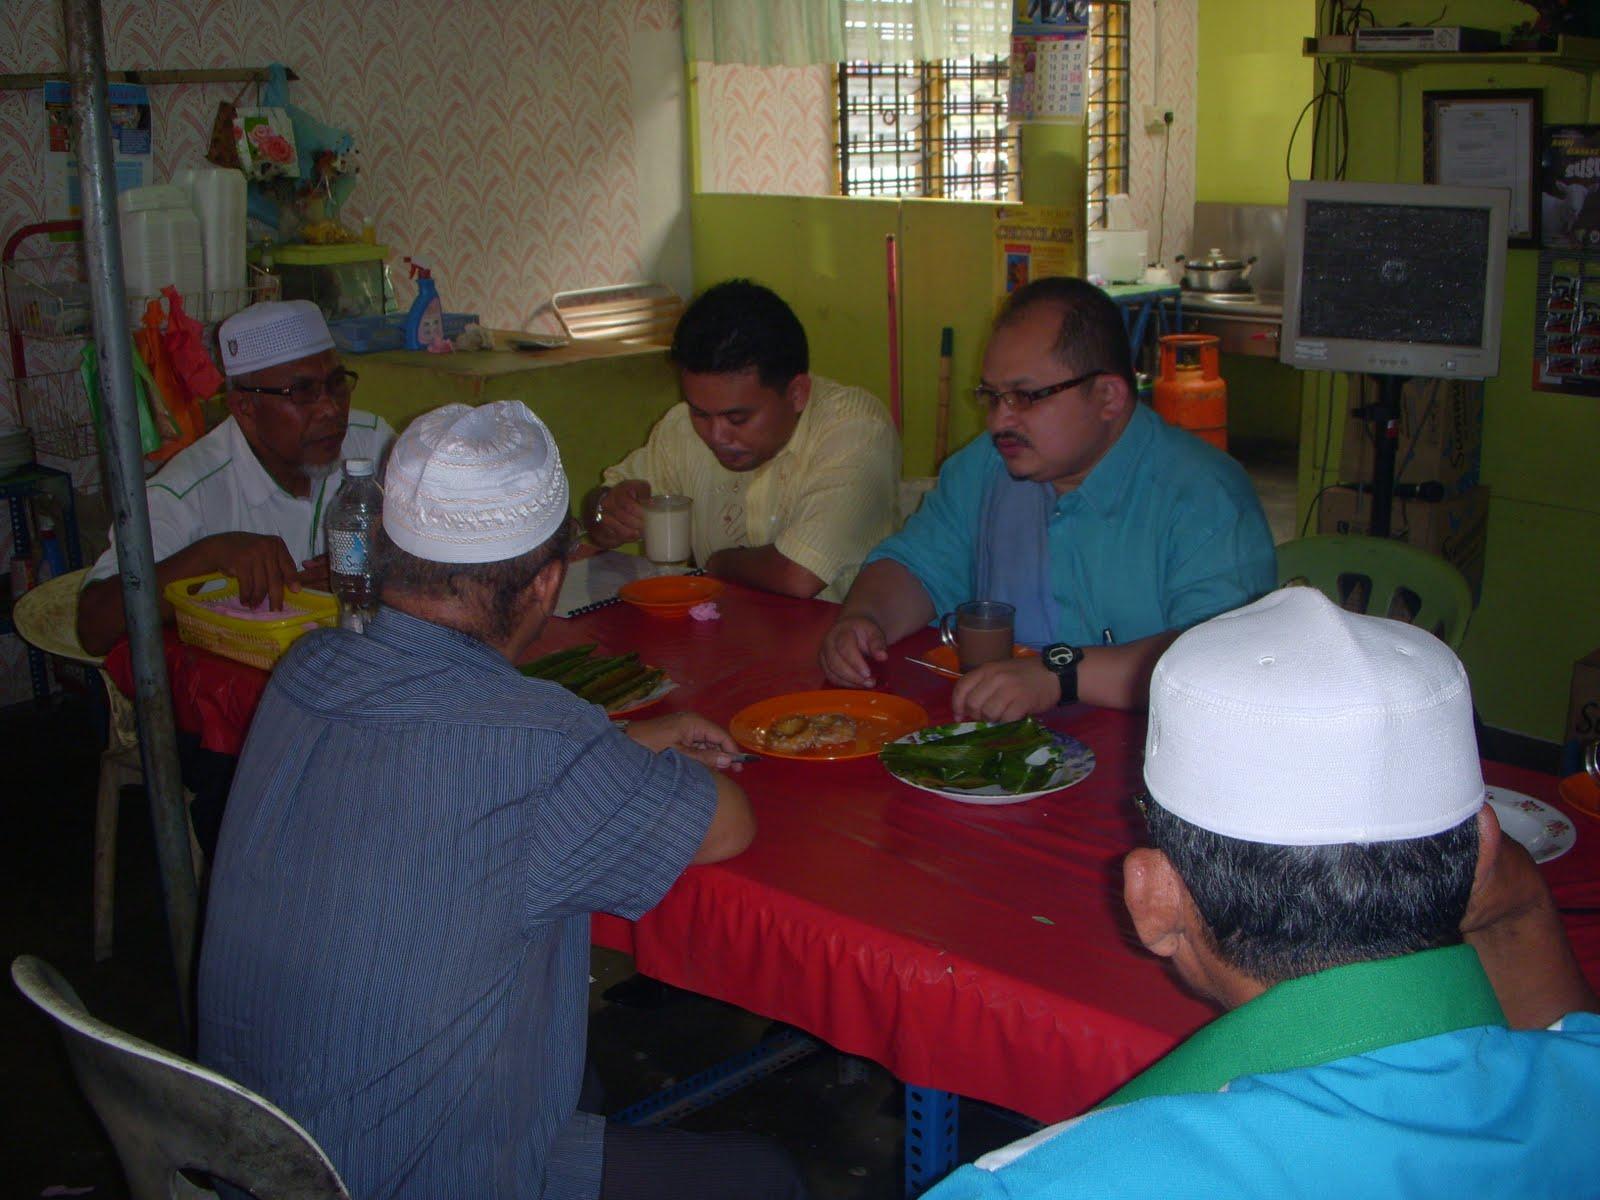 Dia cukup gembira bertemu Suhaimi Said dan Kak Hendon Kami menghabiskan masa 3 minggu di kawasan Felda di Hulu Selangor semasa PRK Hulu Selangor dahulu